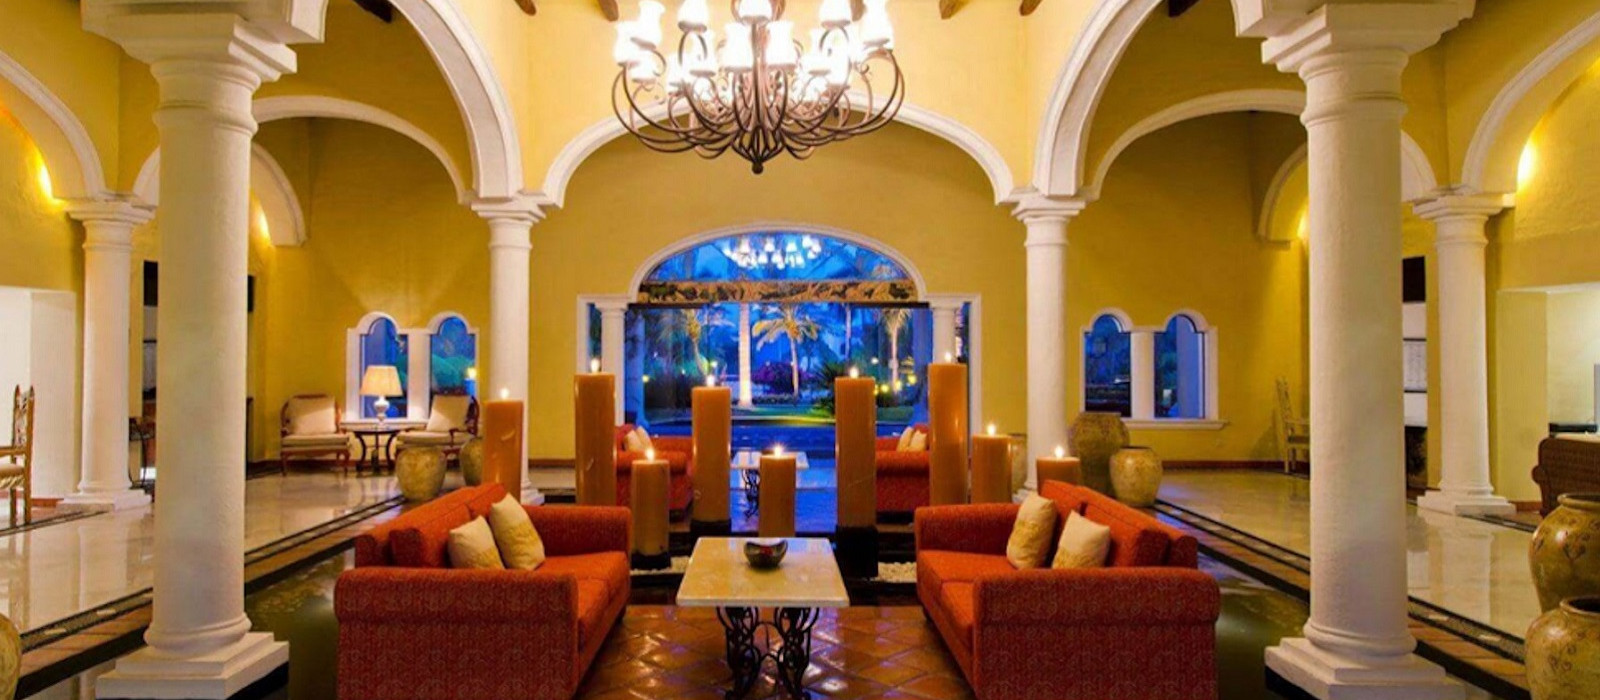 Hotel Casa Velas Puerto Vallarta Mexico